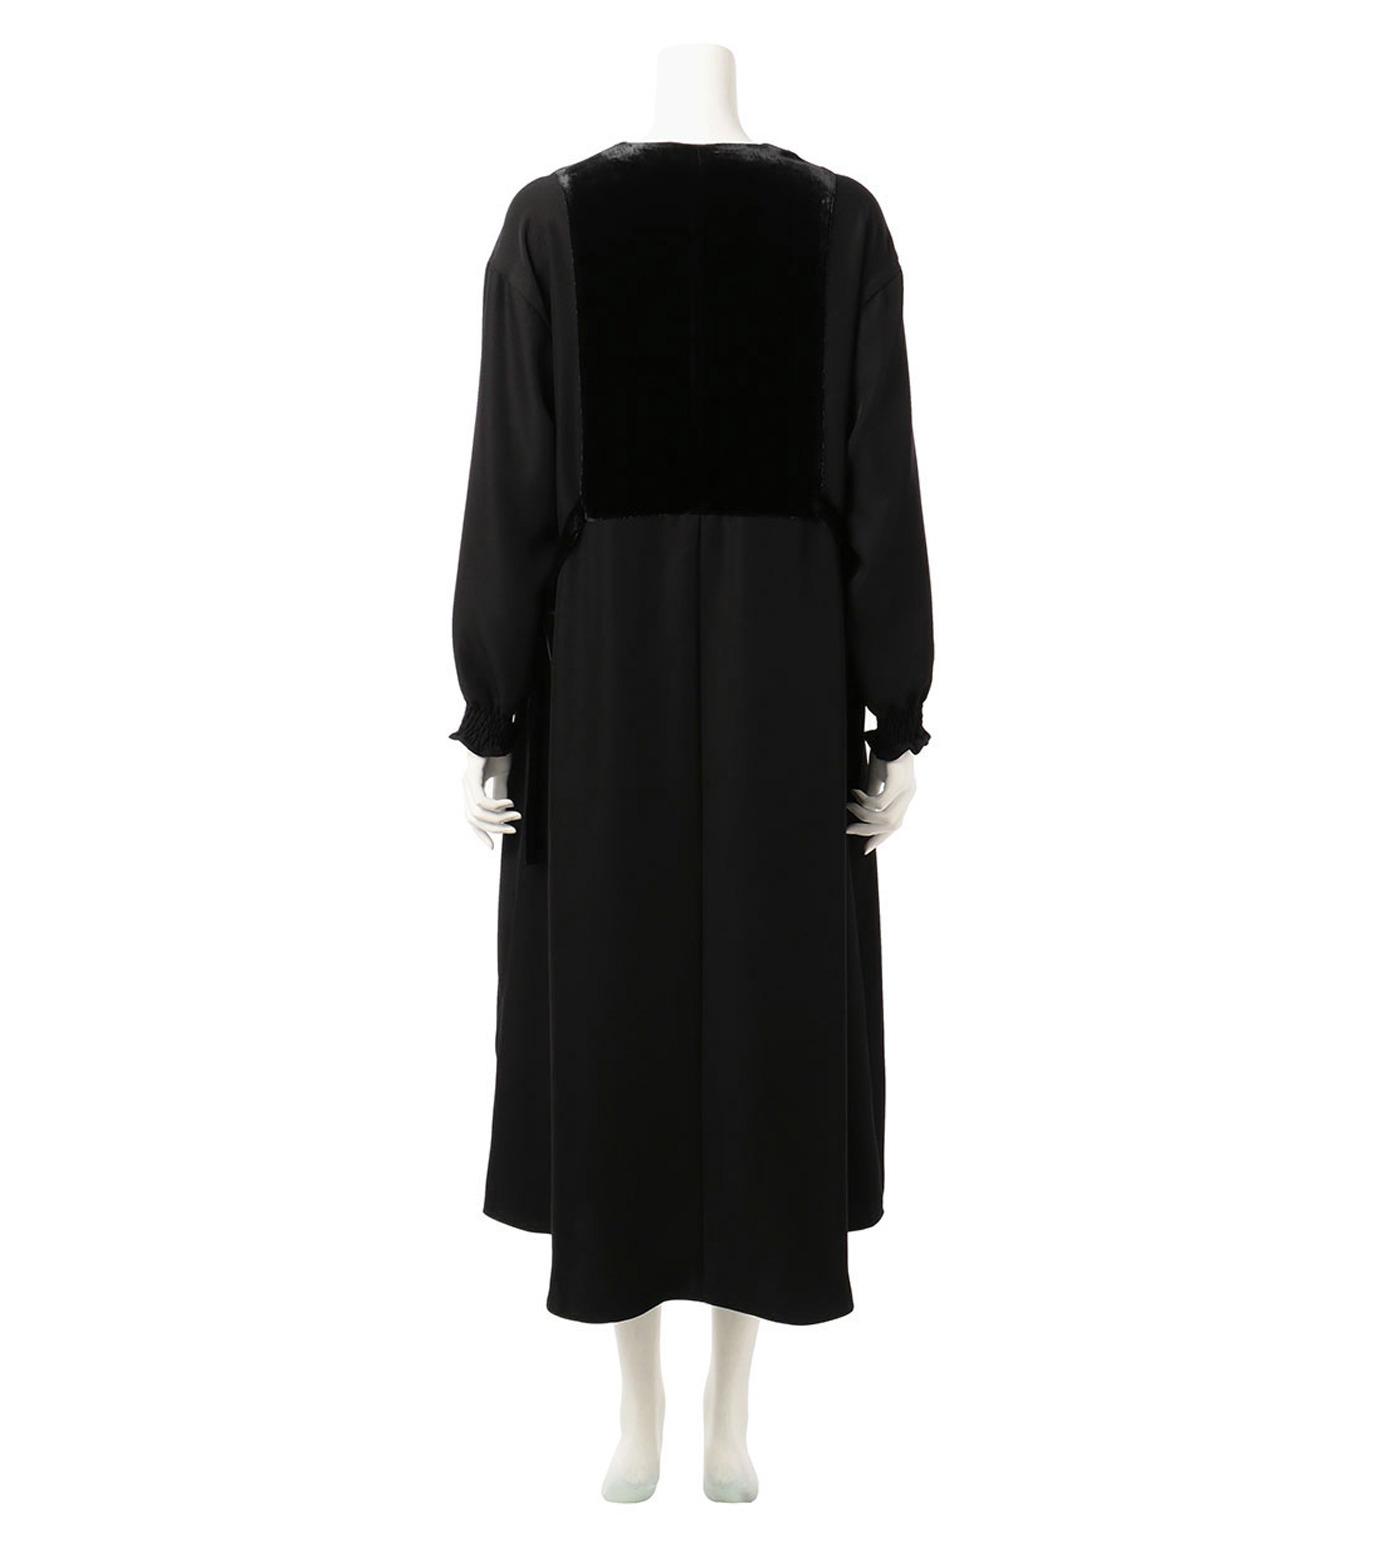 G.V.G.V.(ジーヴィジーヴィ)のVELVET PANEL DRESS-BLACK(ドレス/dress)-GV1641003-13 拡大詳細画像2